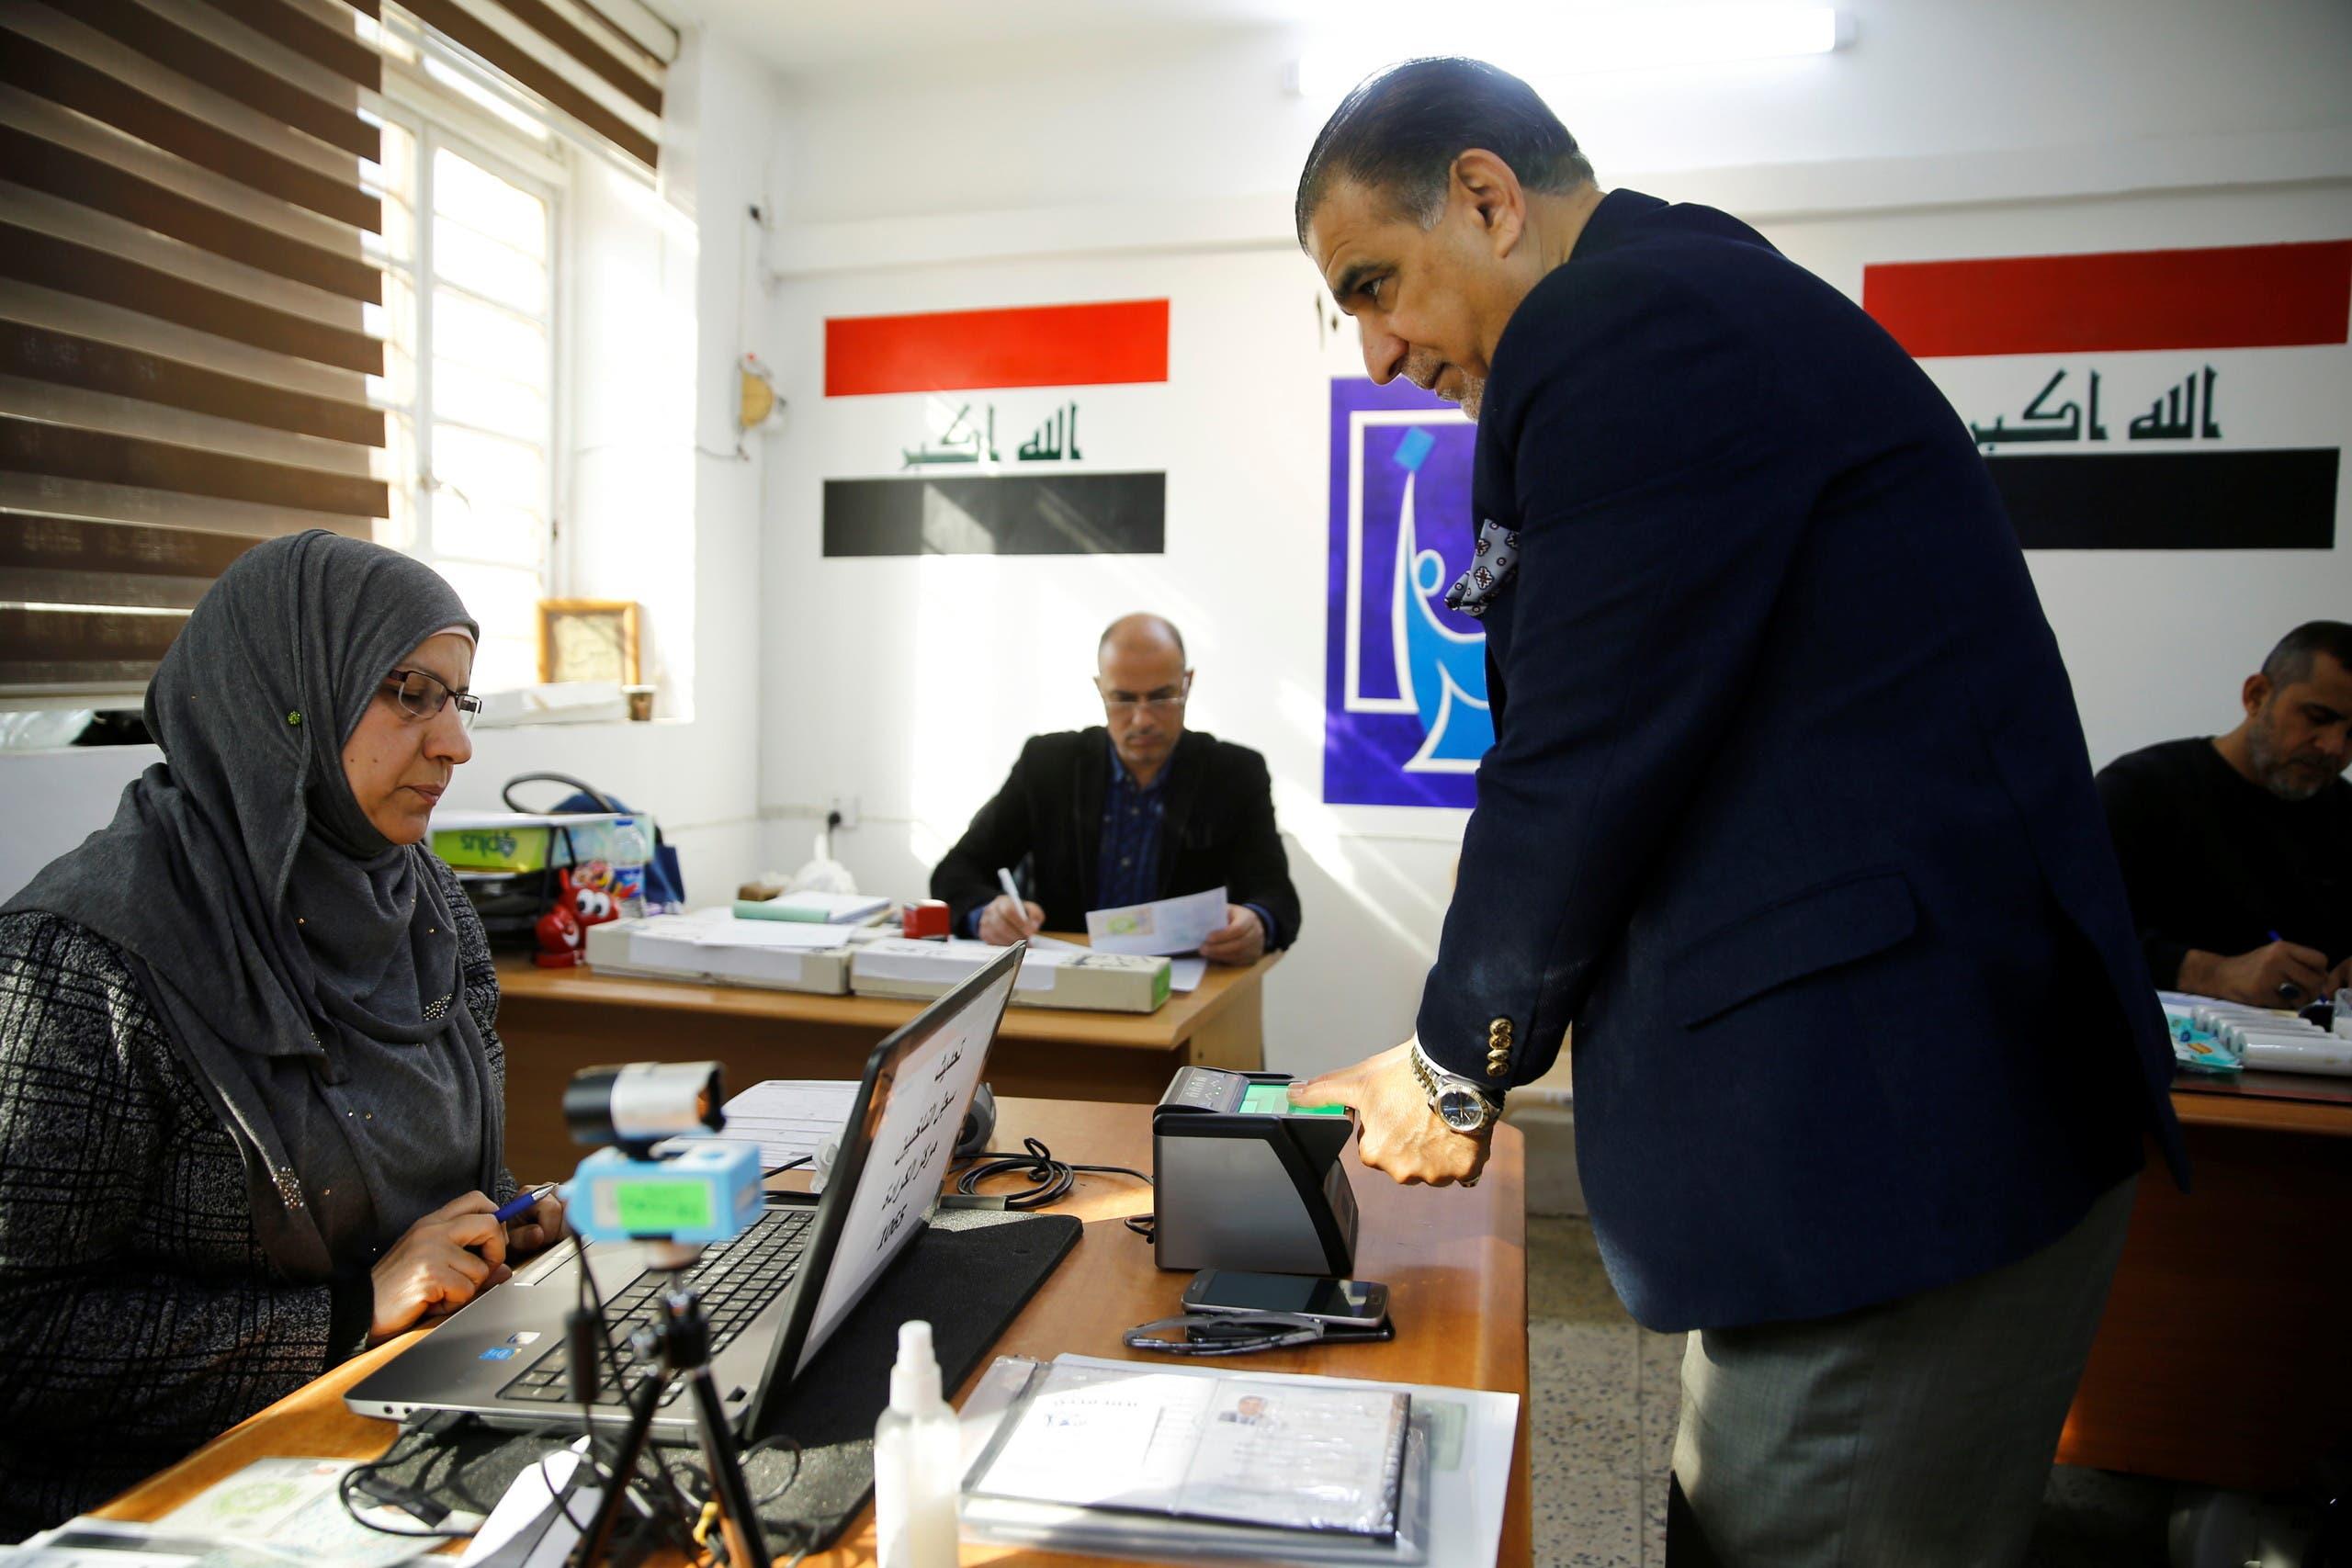 انتخابات العراق (أرشيفية - رويترز)